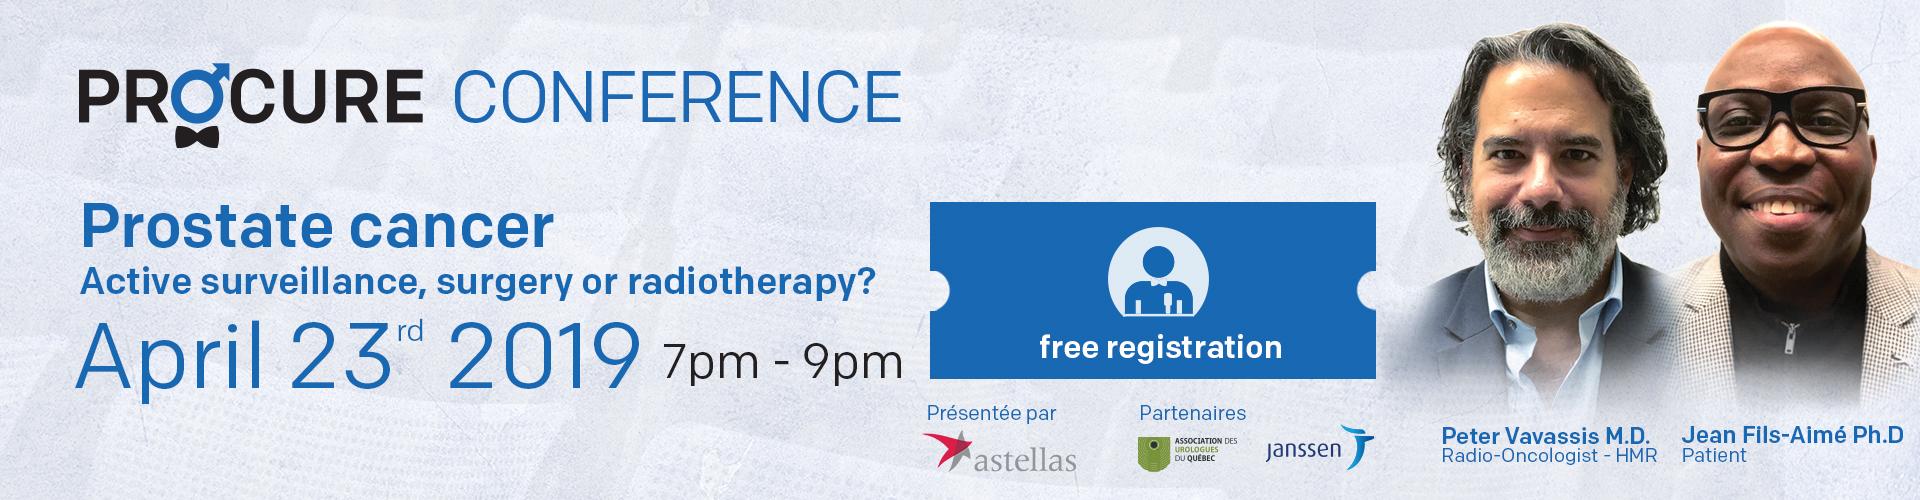 conference-PROCURE-cancer-prostate-2019-Options-de-traitements